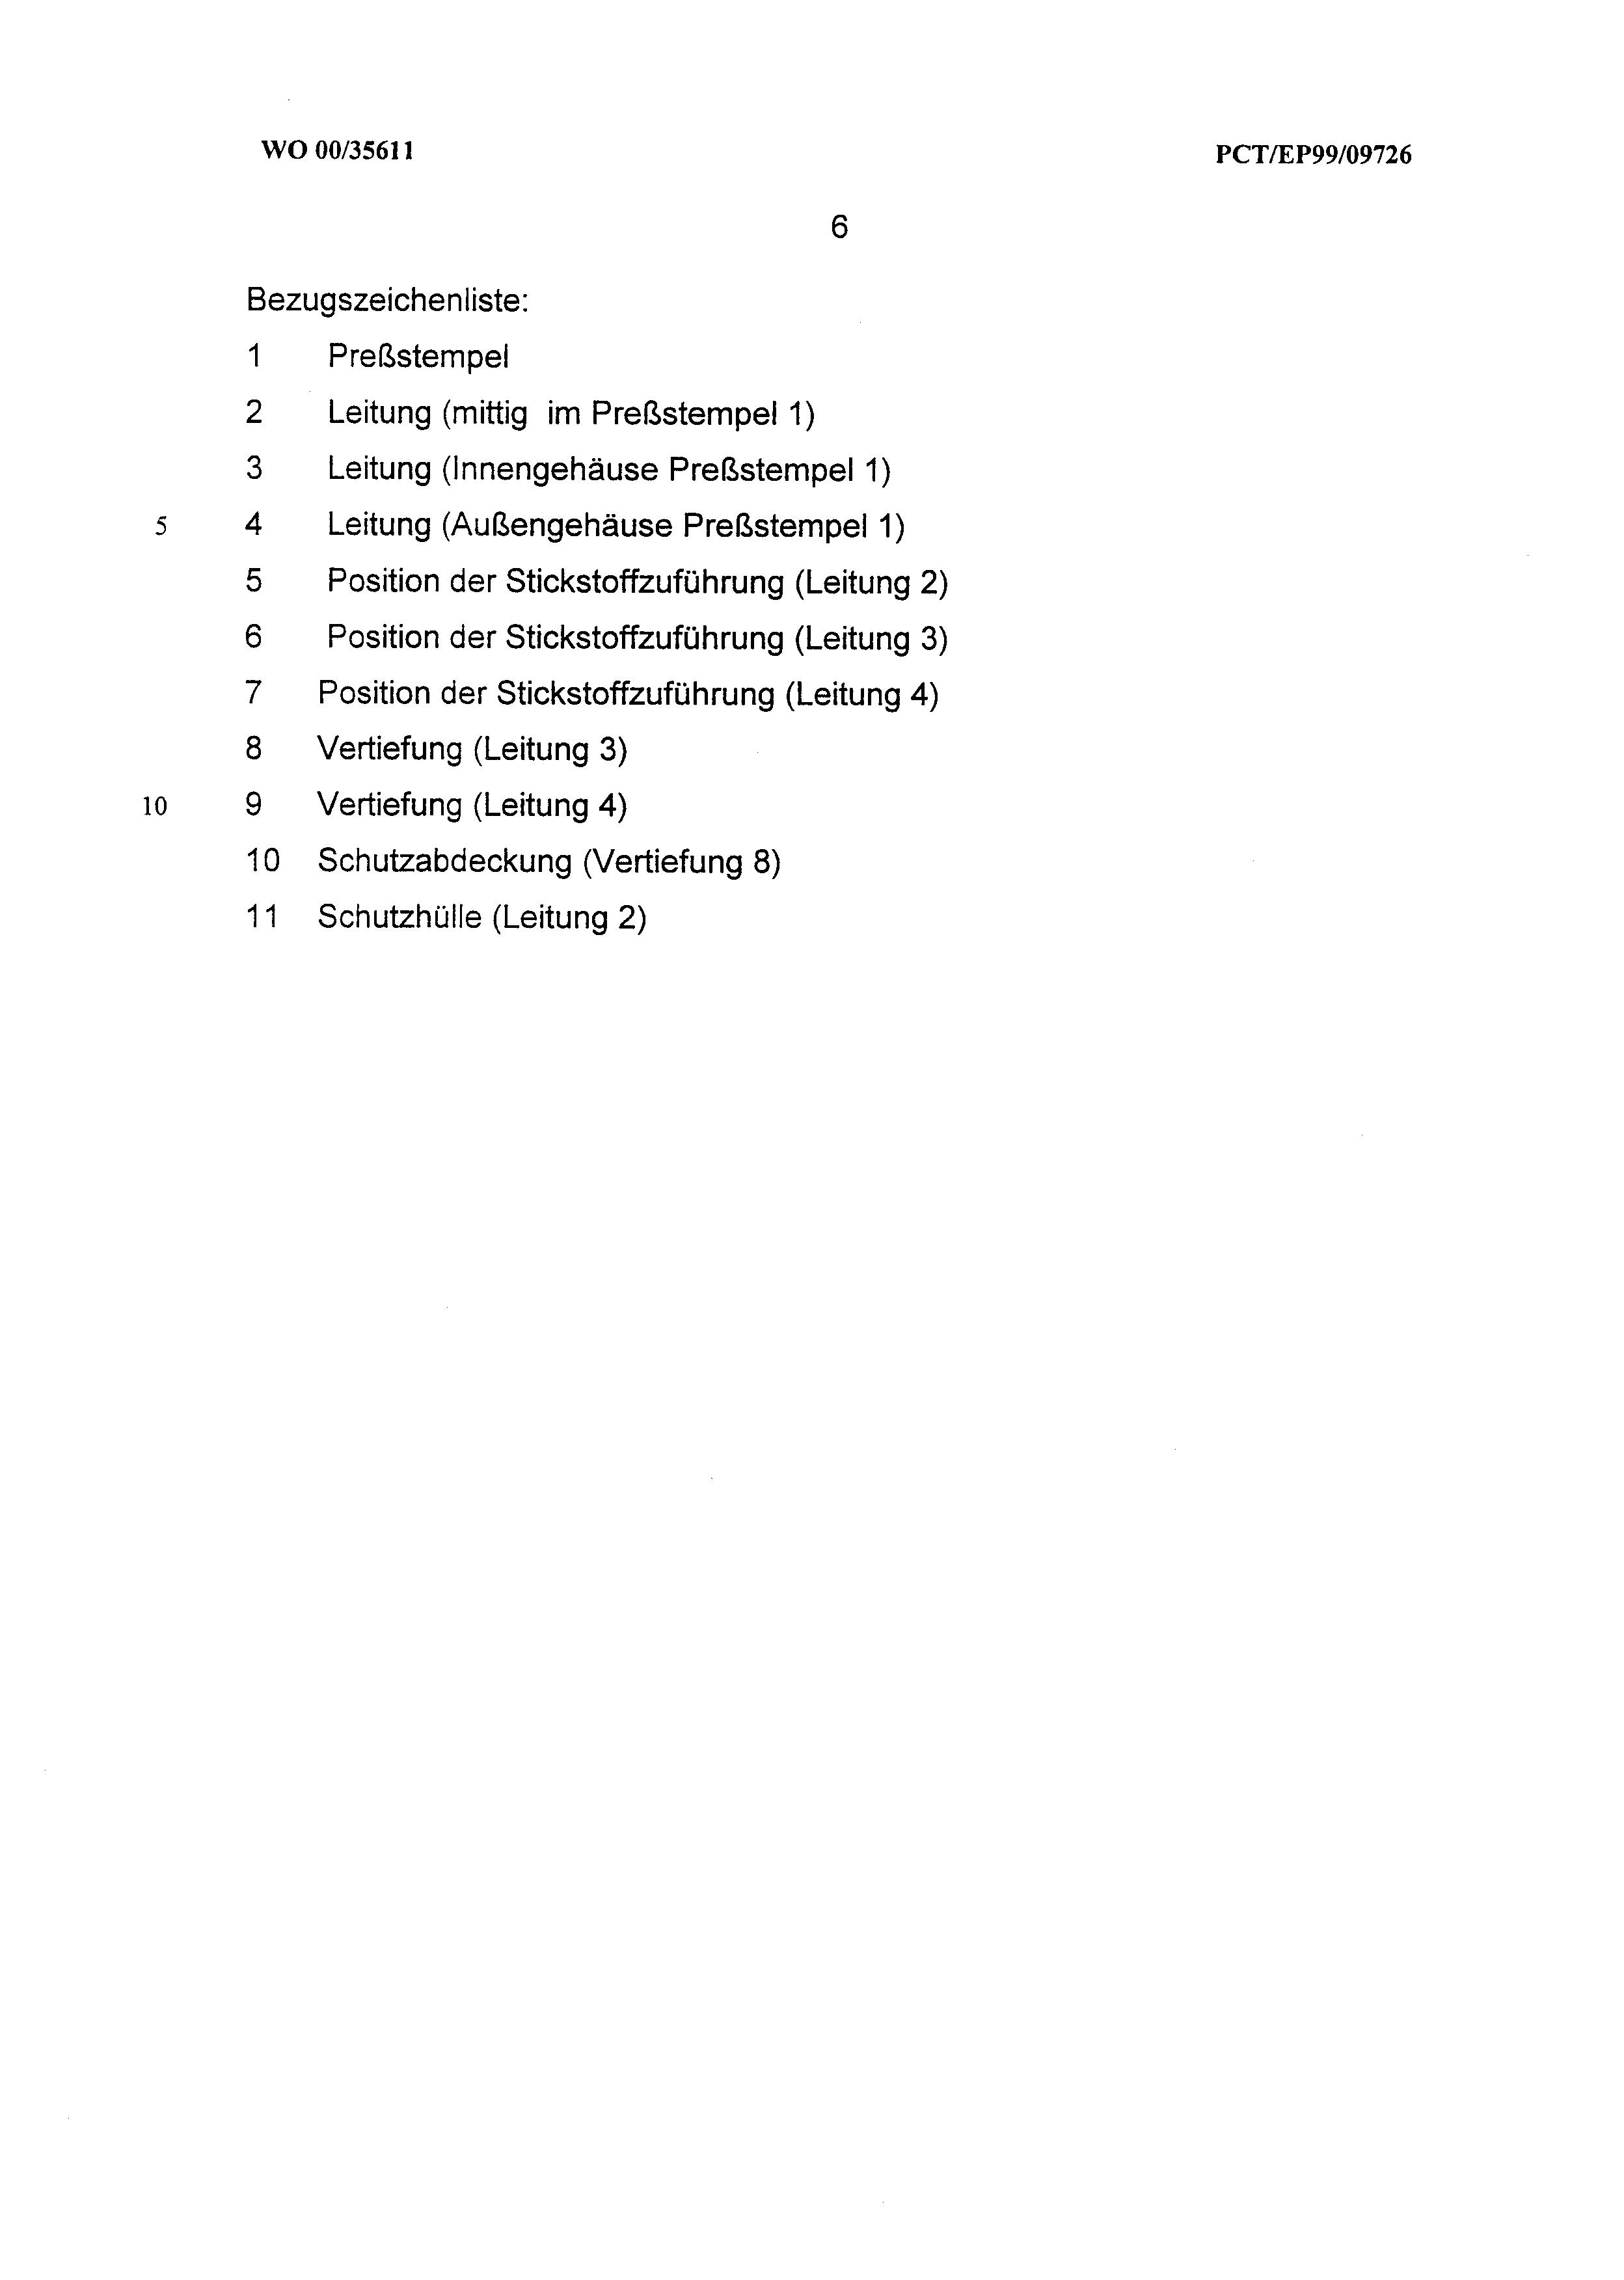 DE 19857790 A1 - Verfahren Zur Werkzeugkühlung Von Indirekt ...